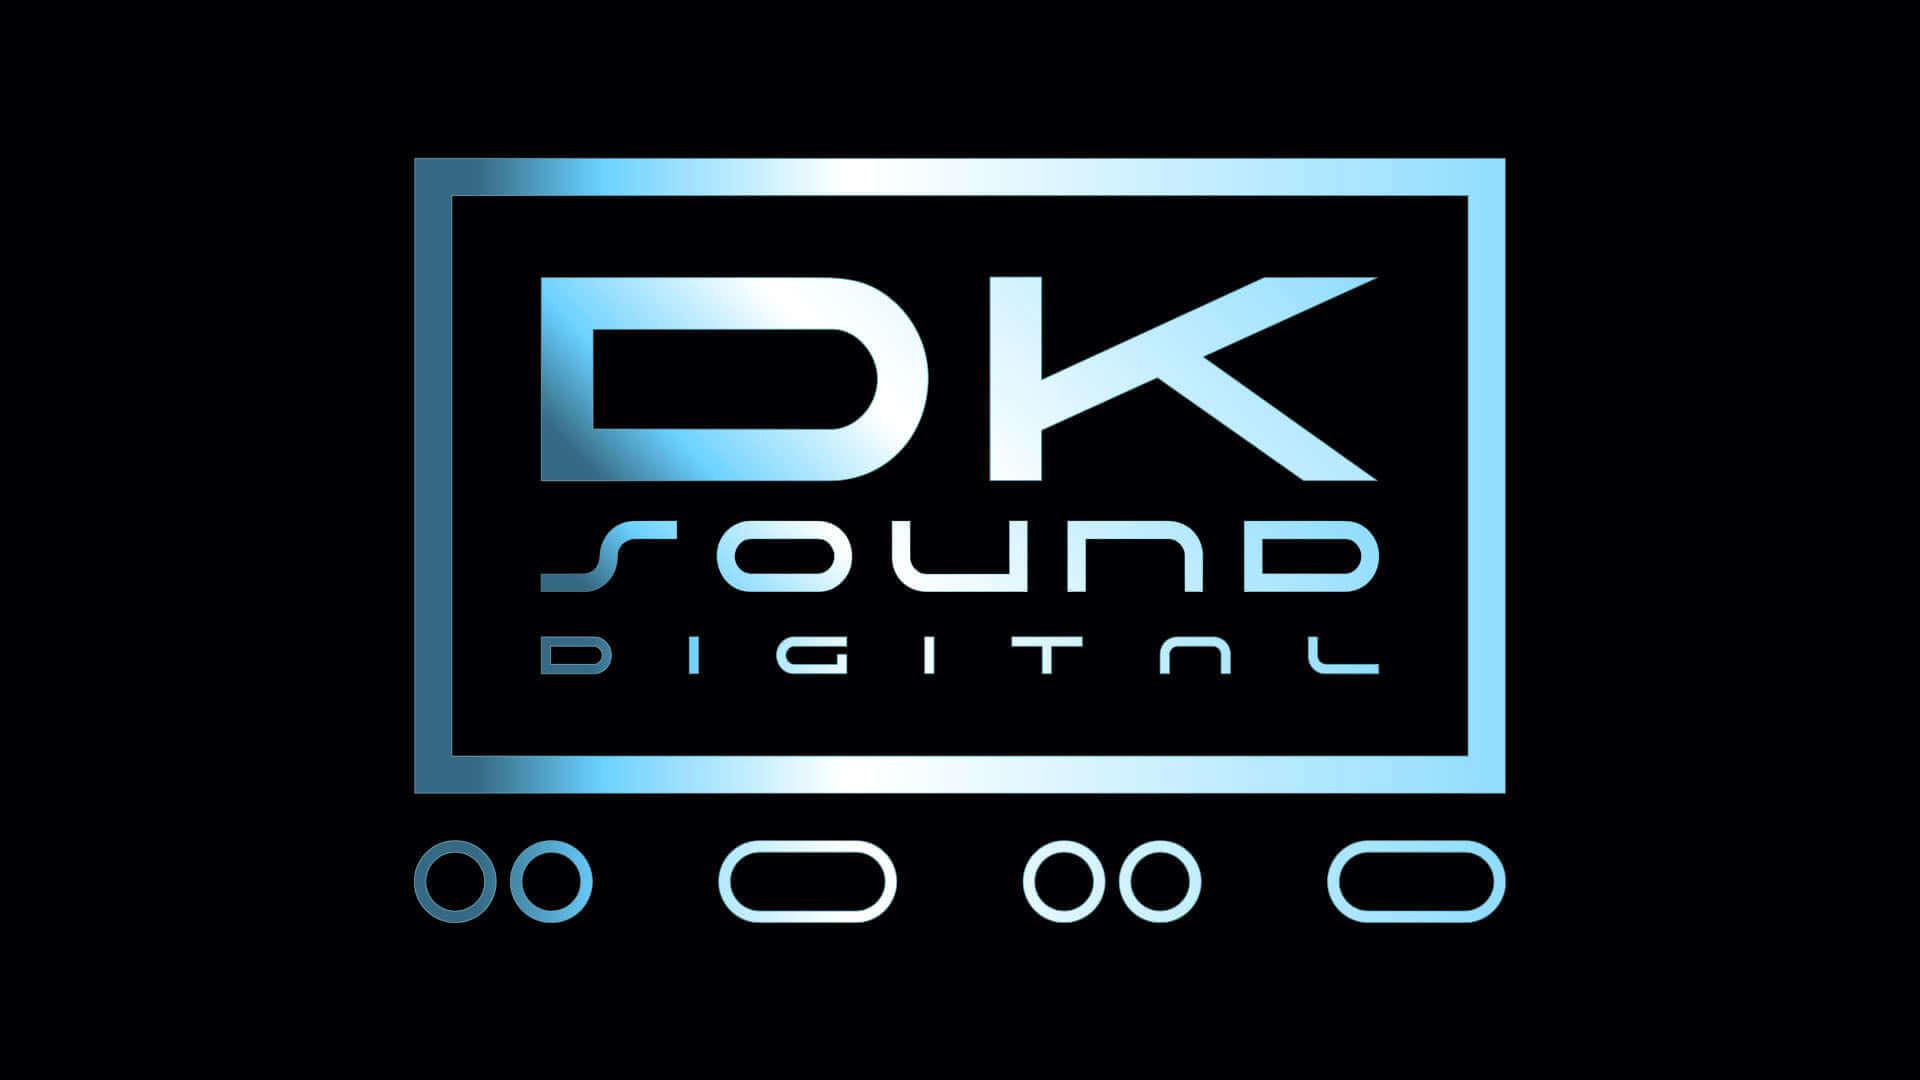 封印されていたインダストリアル・レイヴ<DK SOUND>が突如復活|TRAKS BOYS、HEART BOMB出演のデジタルイベントとして開催 music200617_dksound_1-1920x1080